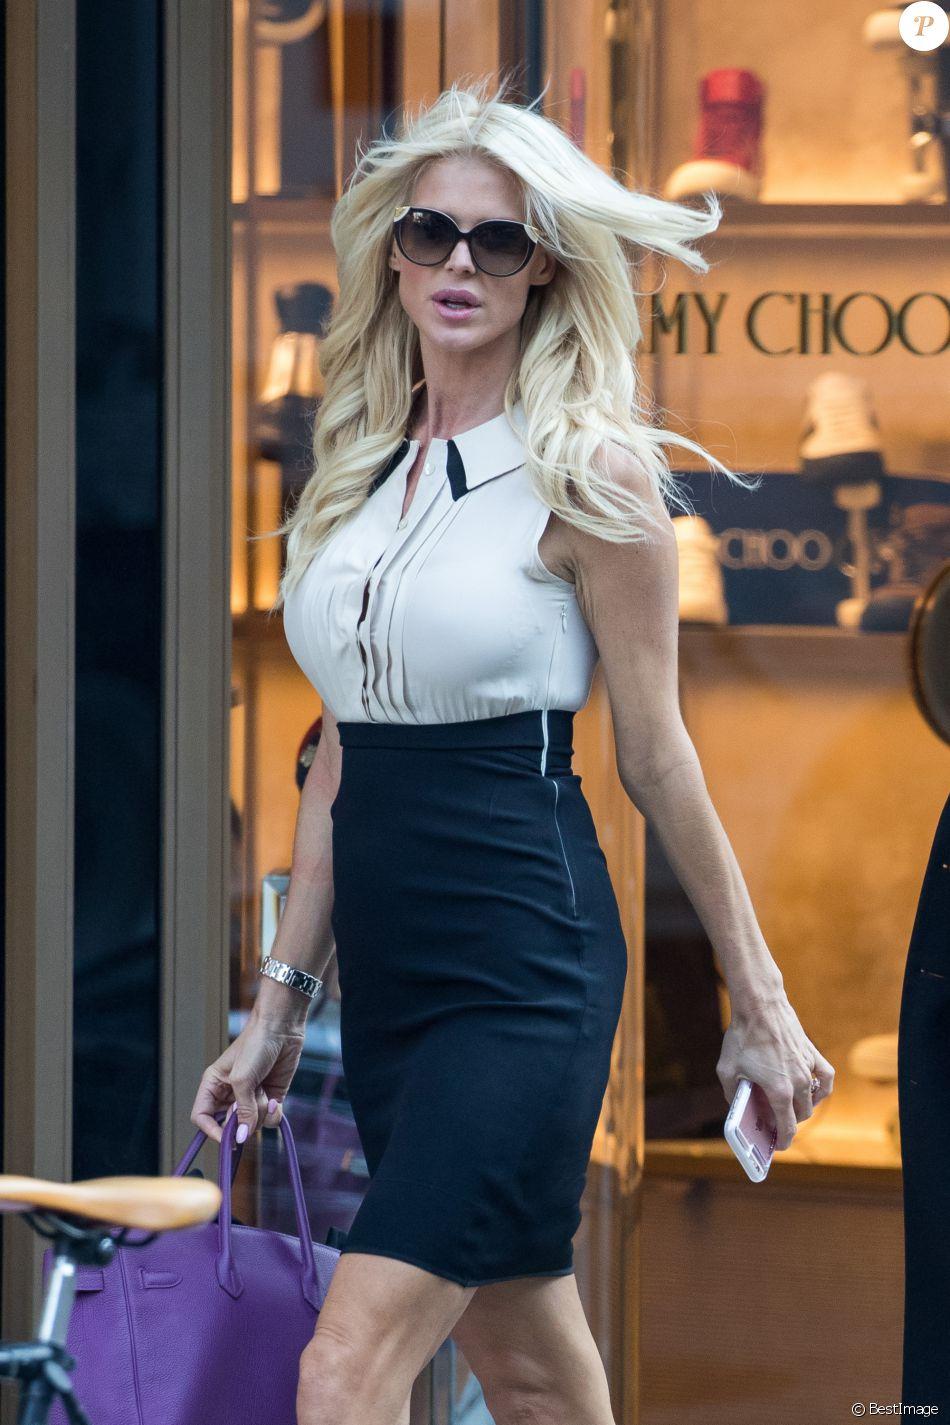 Exclusif - Victoria Silvstedt fait du shopping avec une amie chez Roberto Cavalli à Madison Avenue à New York, le 18 octobre 2016.